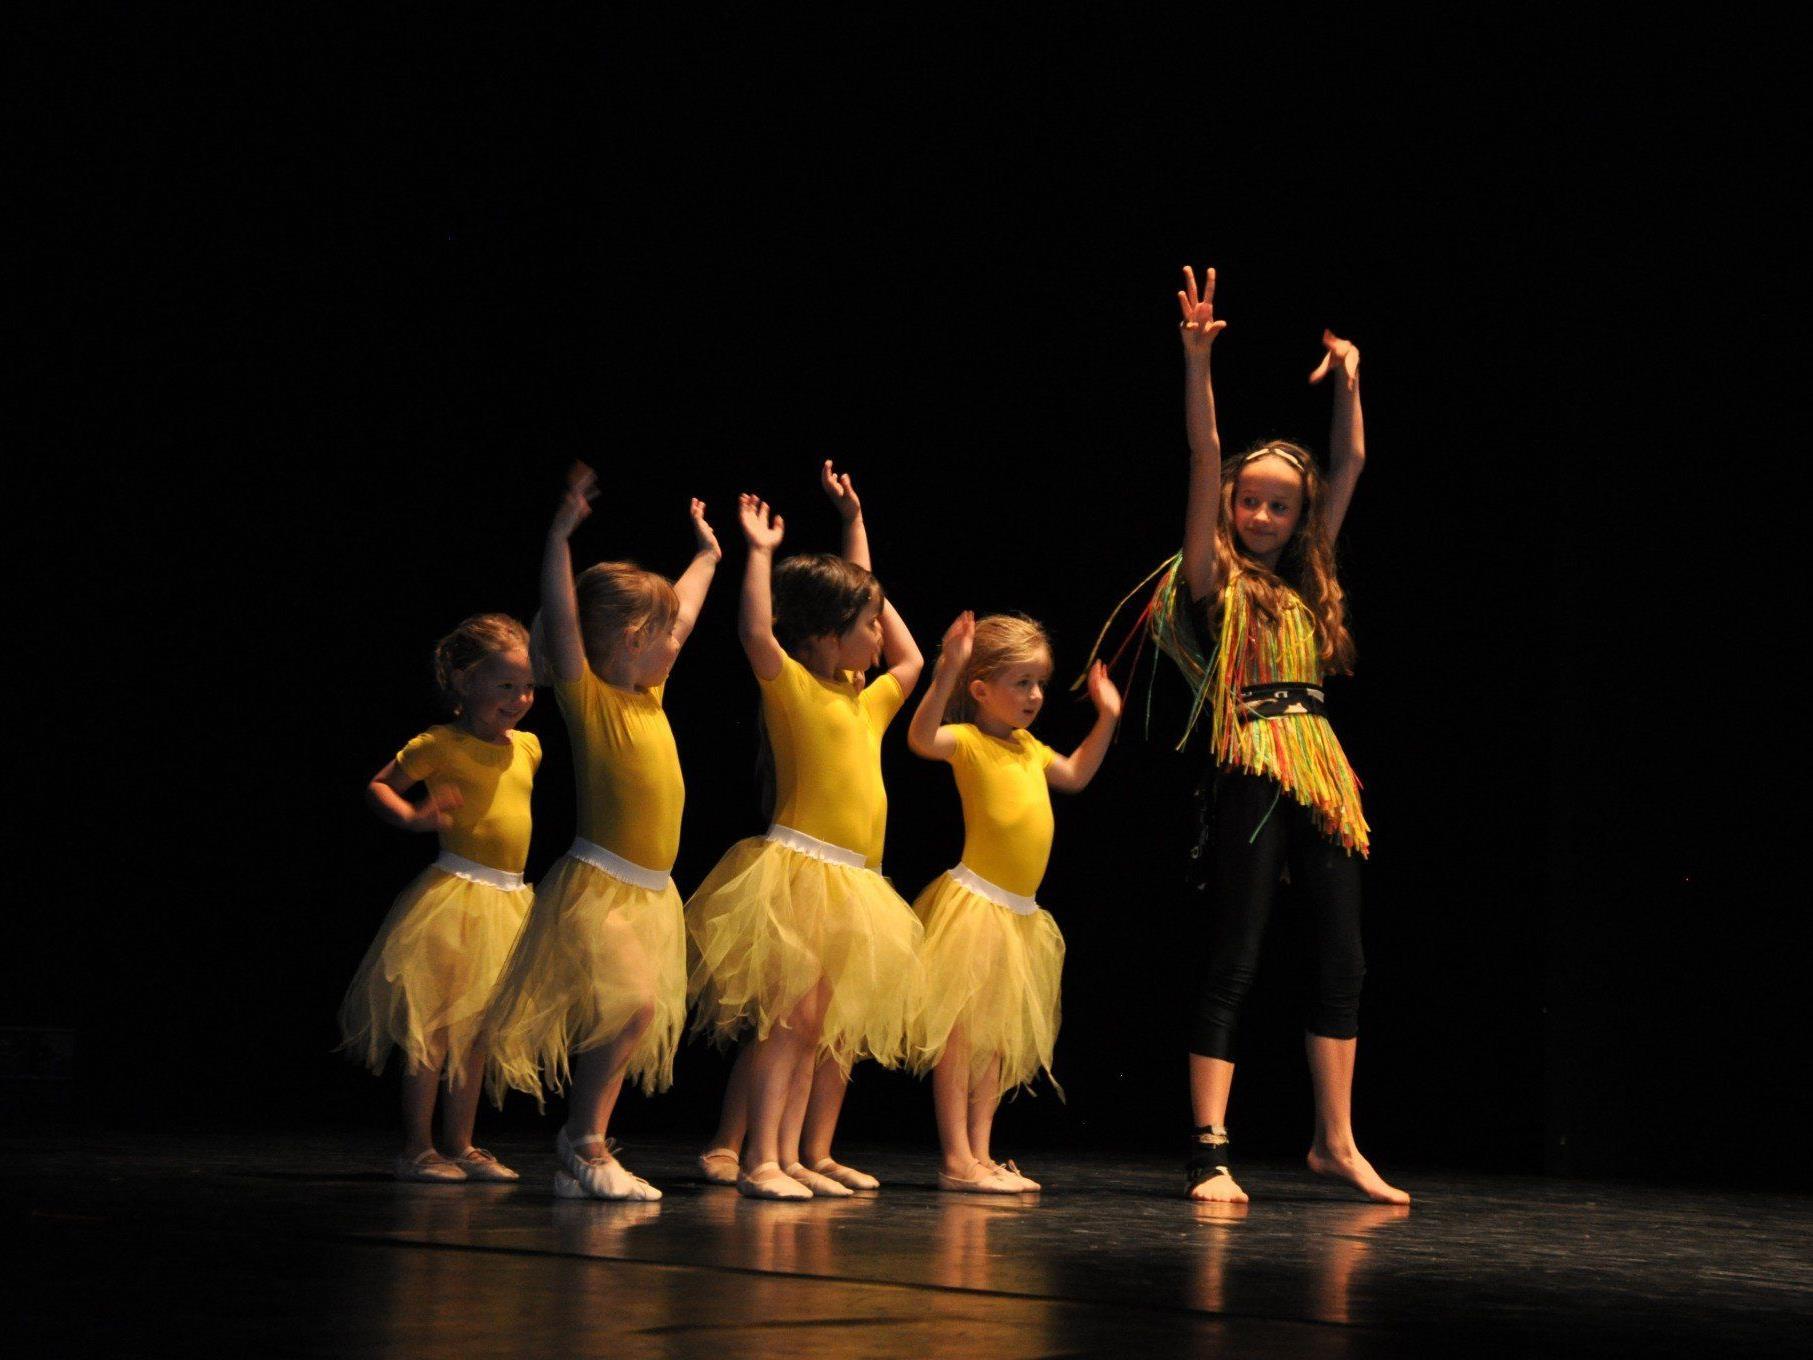 390 Kinder, Jugendliche und Erwachsene zeigten ihr tänzerisches Können.